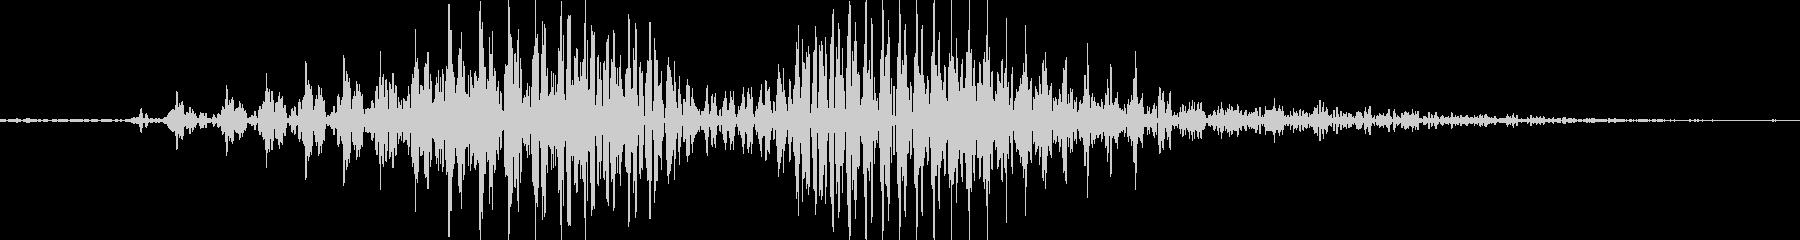 ほらっの未再生の波形